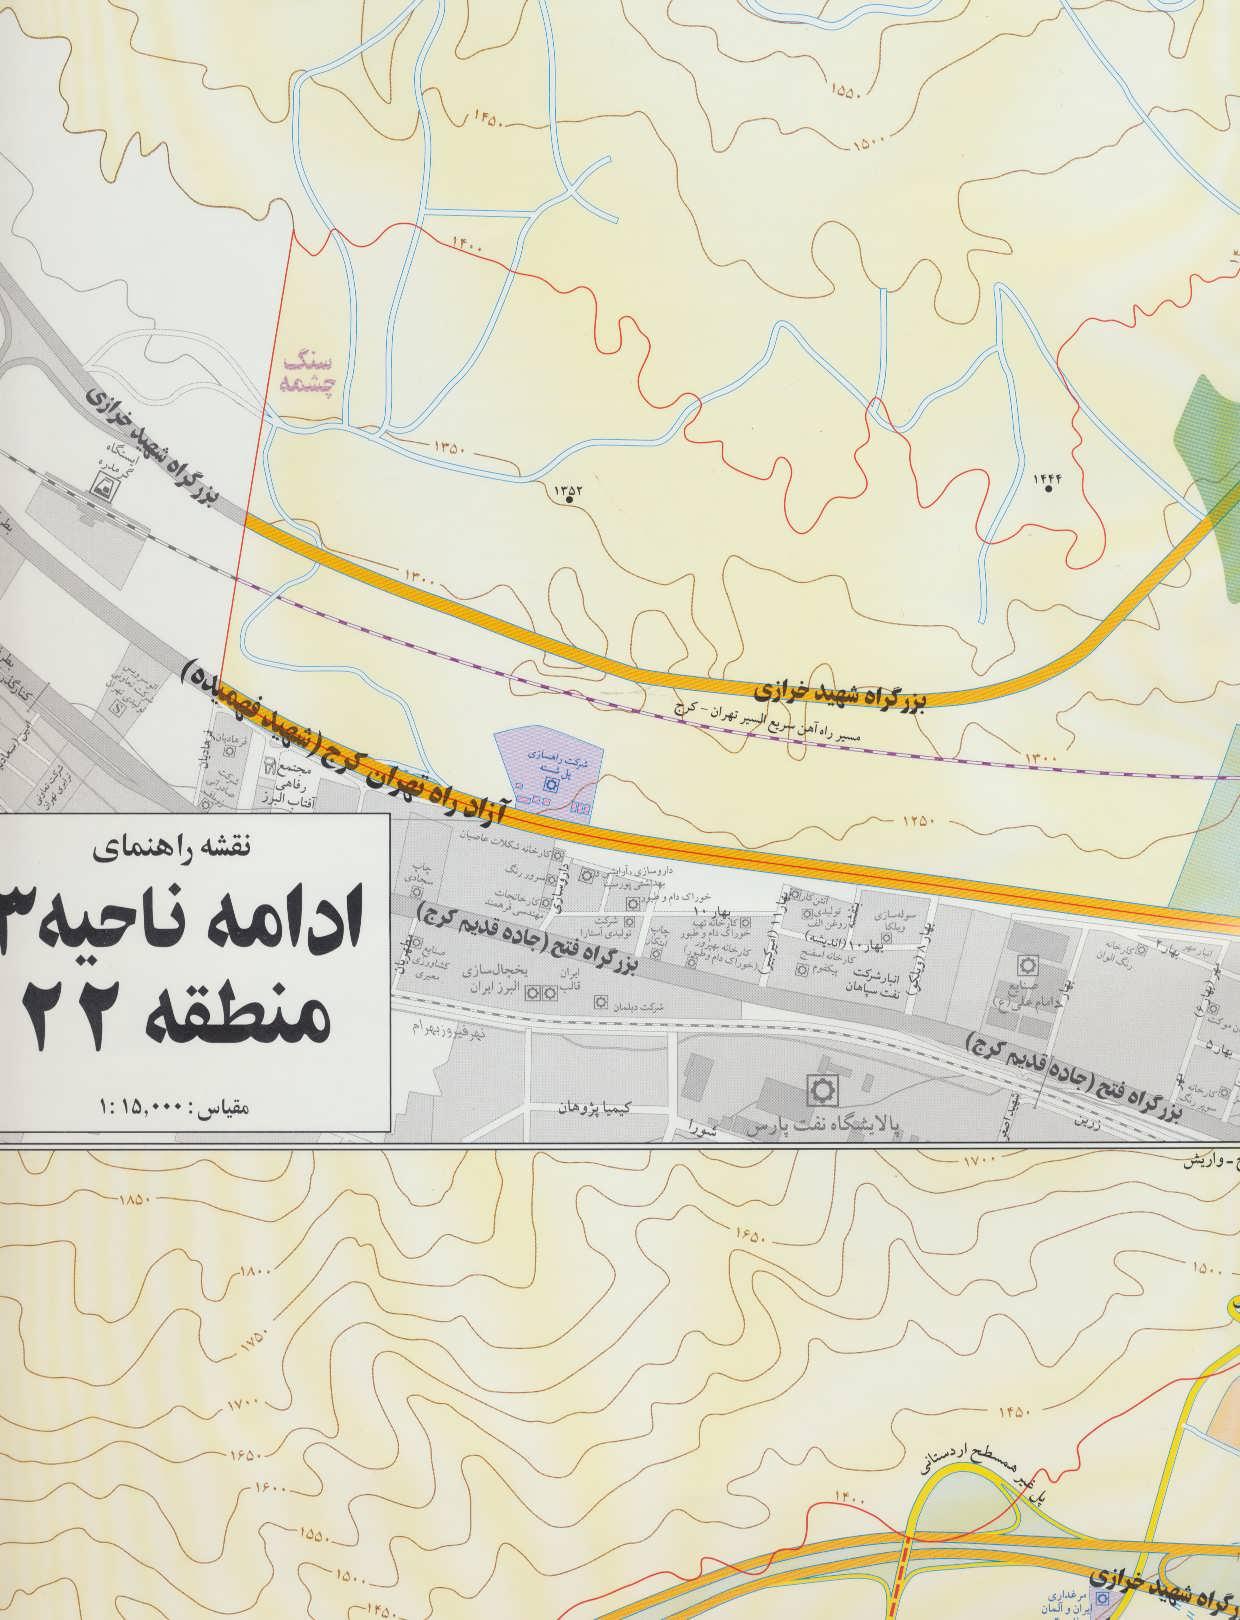 نقشه راهنمای منطقه22 تهران کد 322 (گلاسه)